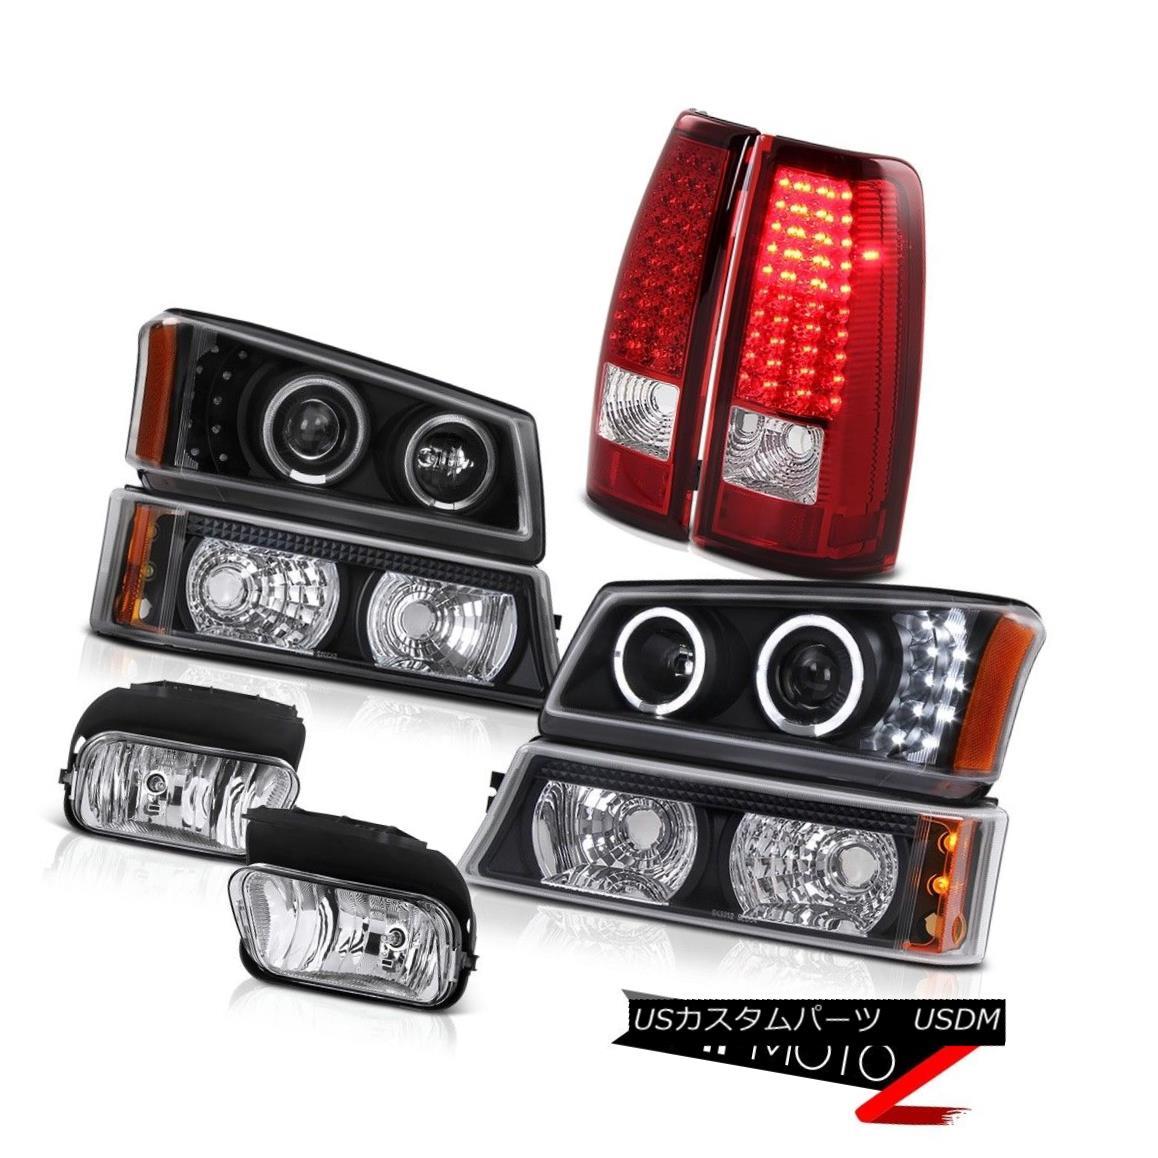 テールライト Silverado 4.3L Halo DRL Projector Headlight Parking Bright LED Tail Lights Fog Silverado 4.3L Halo DRLプロジェクターヘッドライトパーキングブライトLEDテールライトフォグ